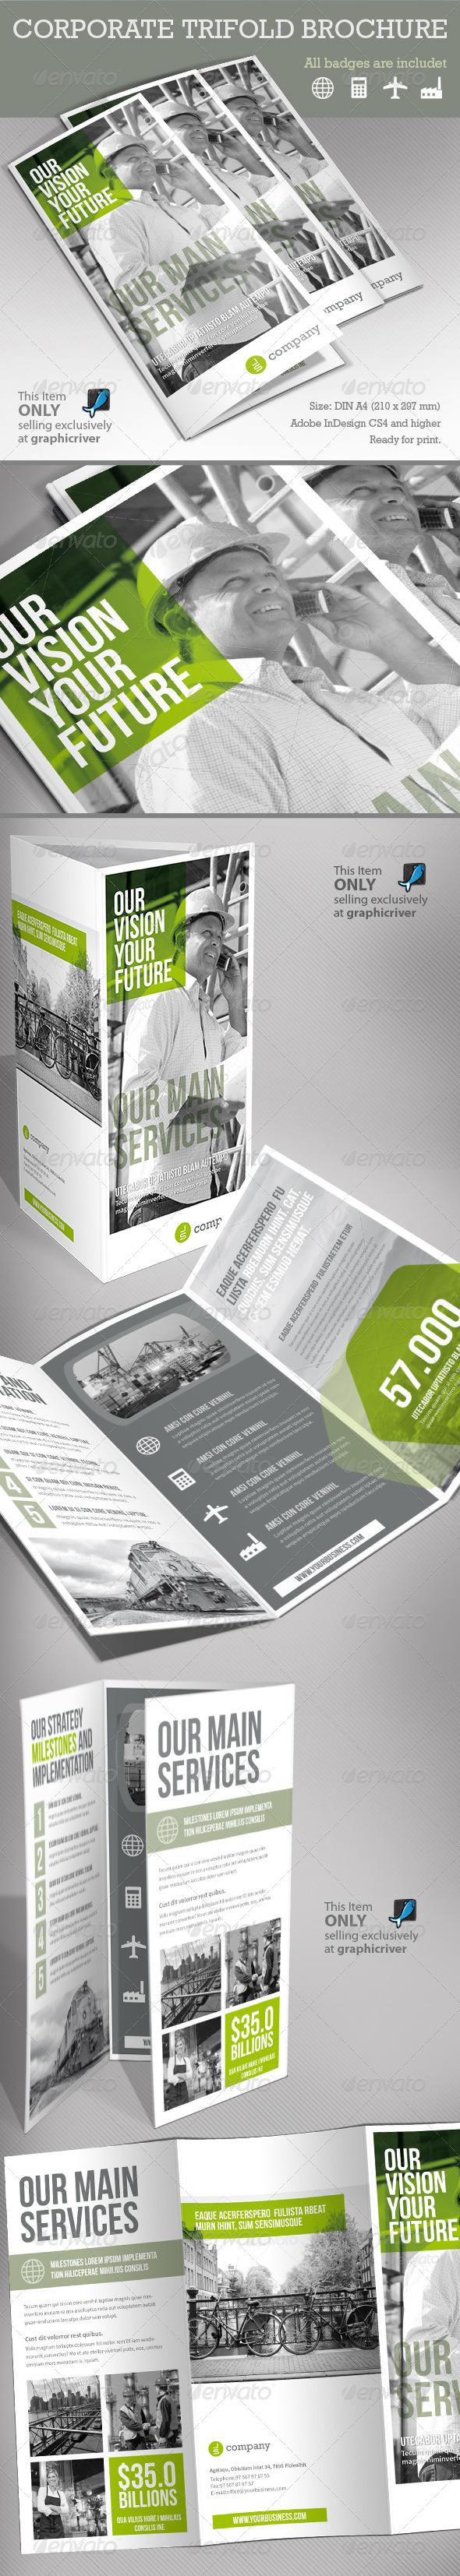 GraphicRiver Corporate Tri-fold Brochure 5494191